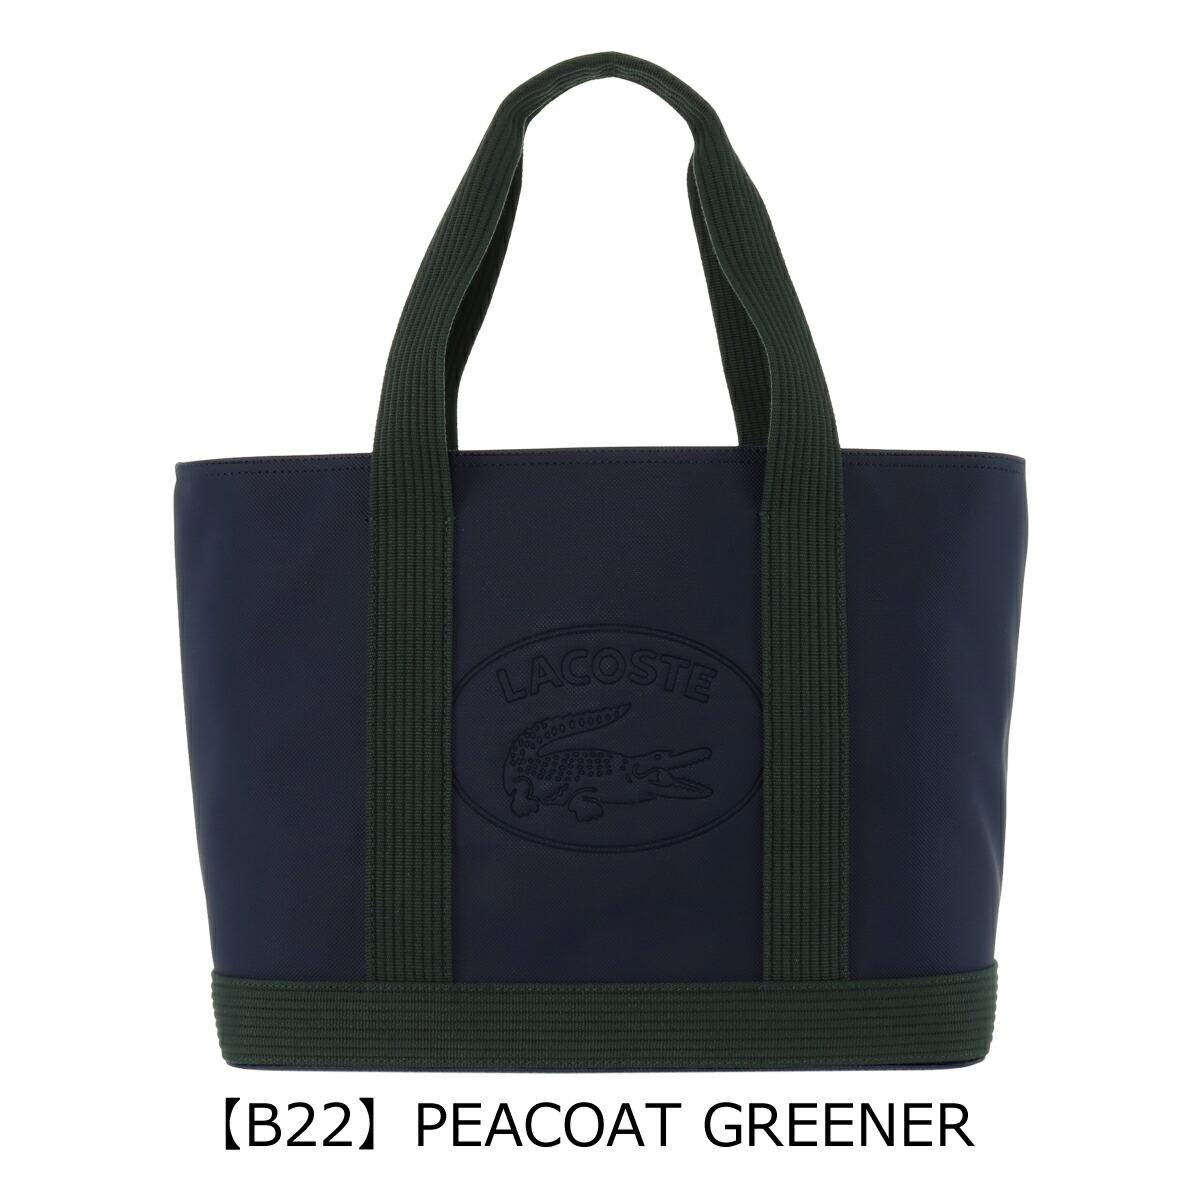 【B22】PEACOAT GREENER